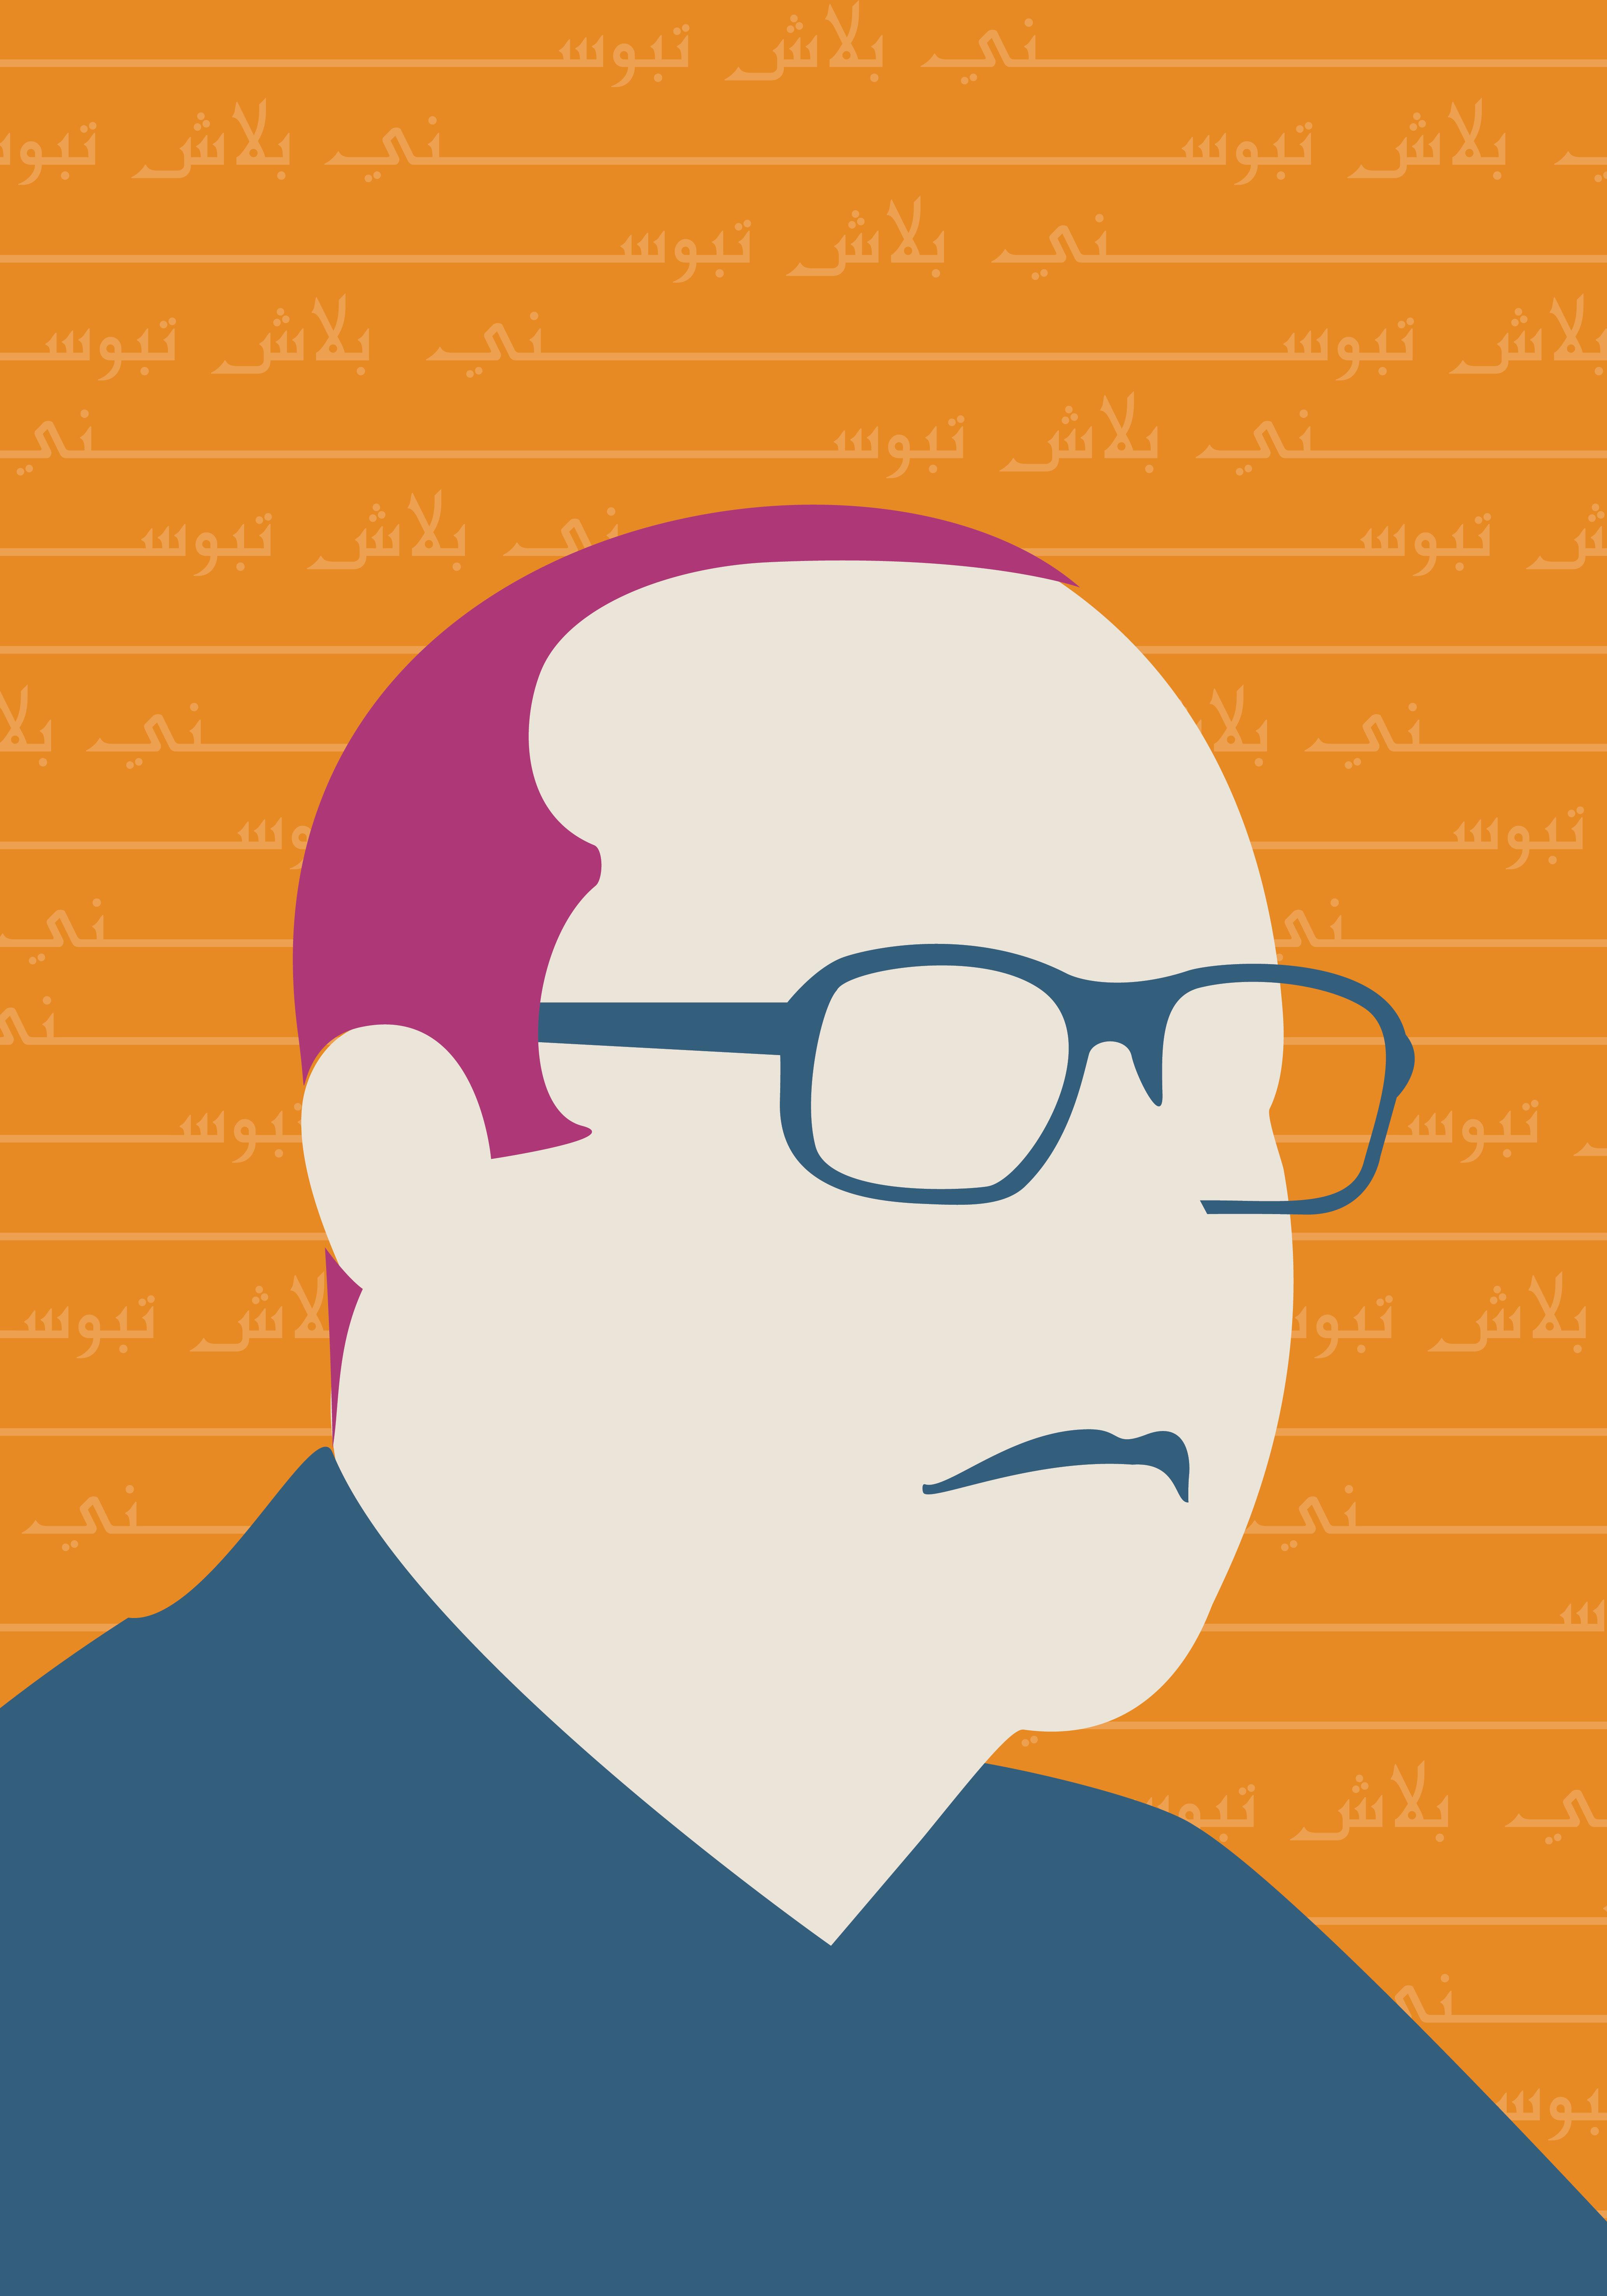 عبد الوهاب Abd El-Wahab